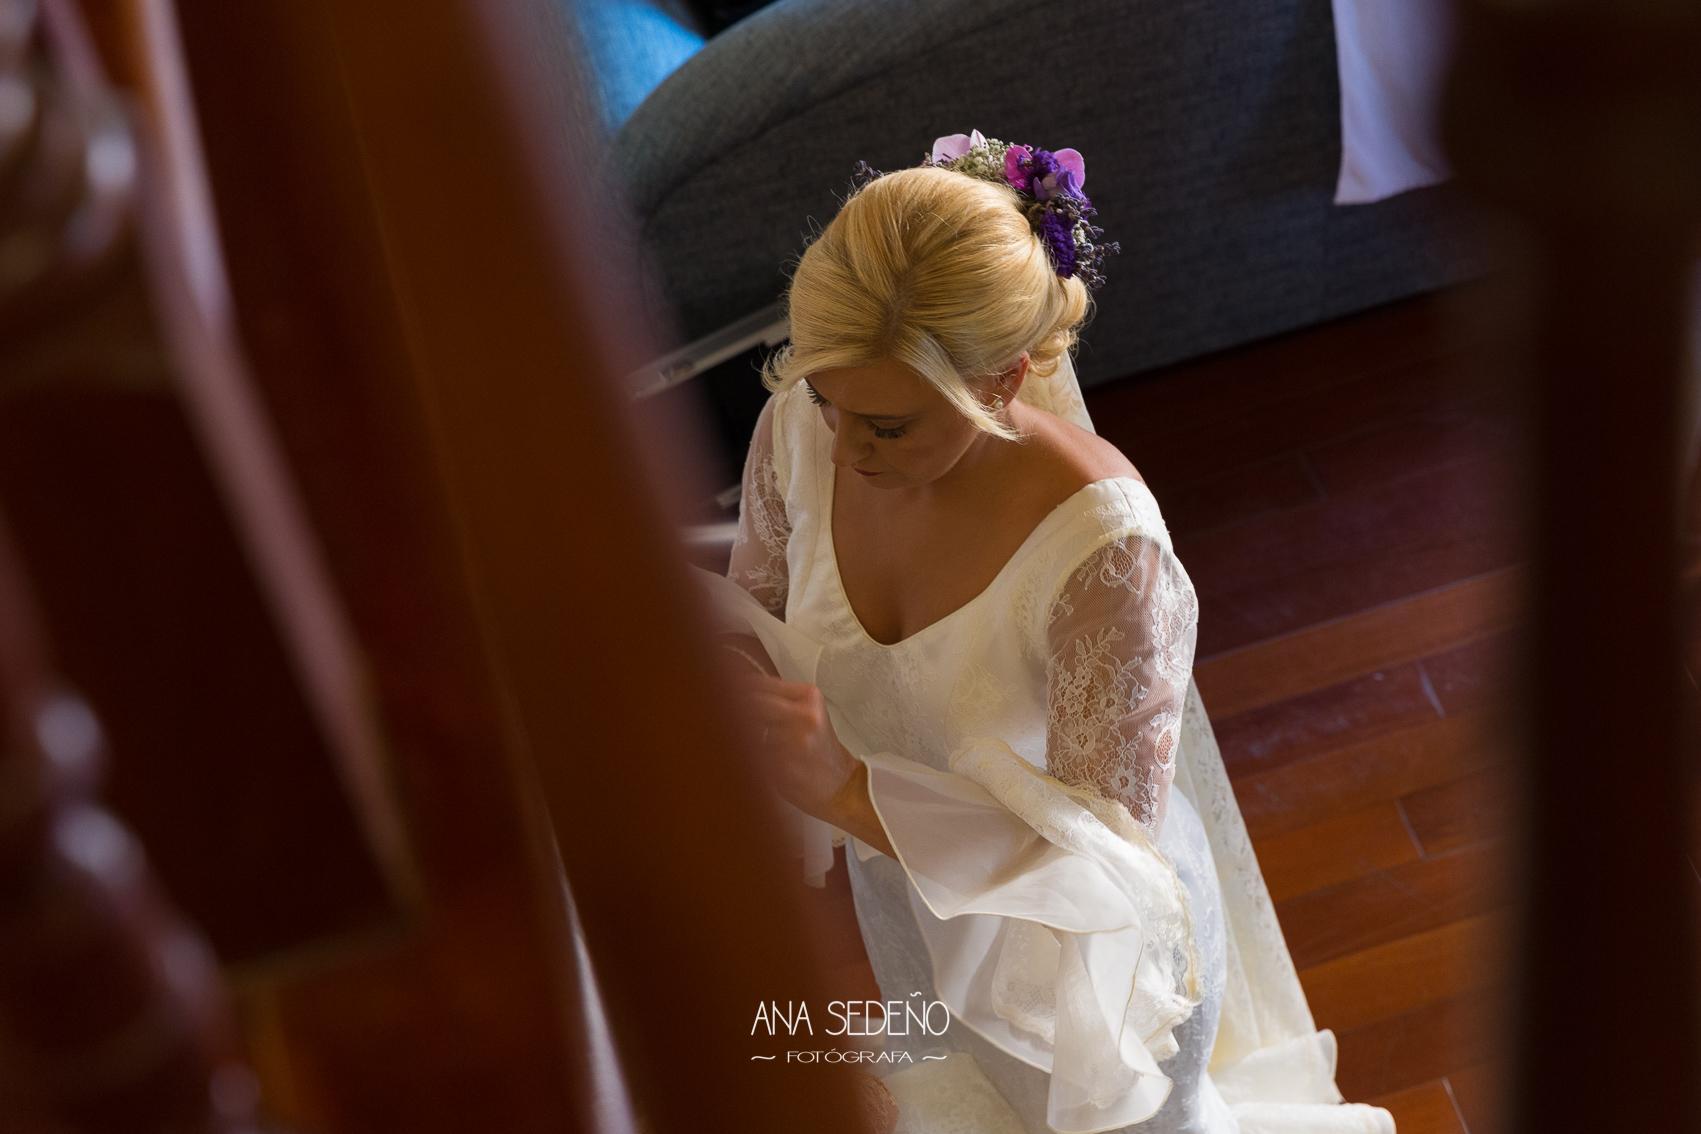 Ana Sedeño Fotografa.-BJ&R-0310